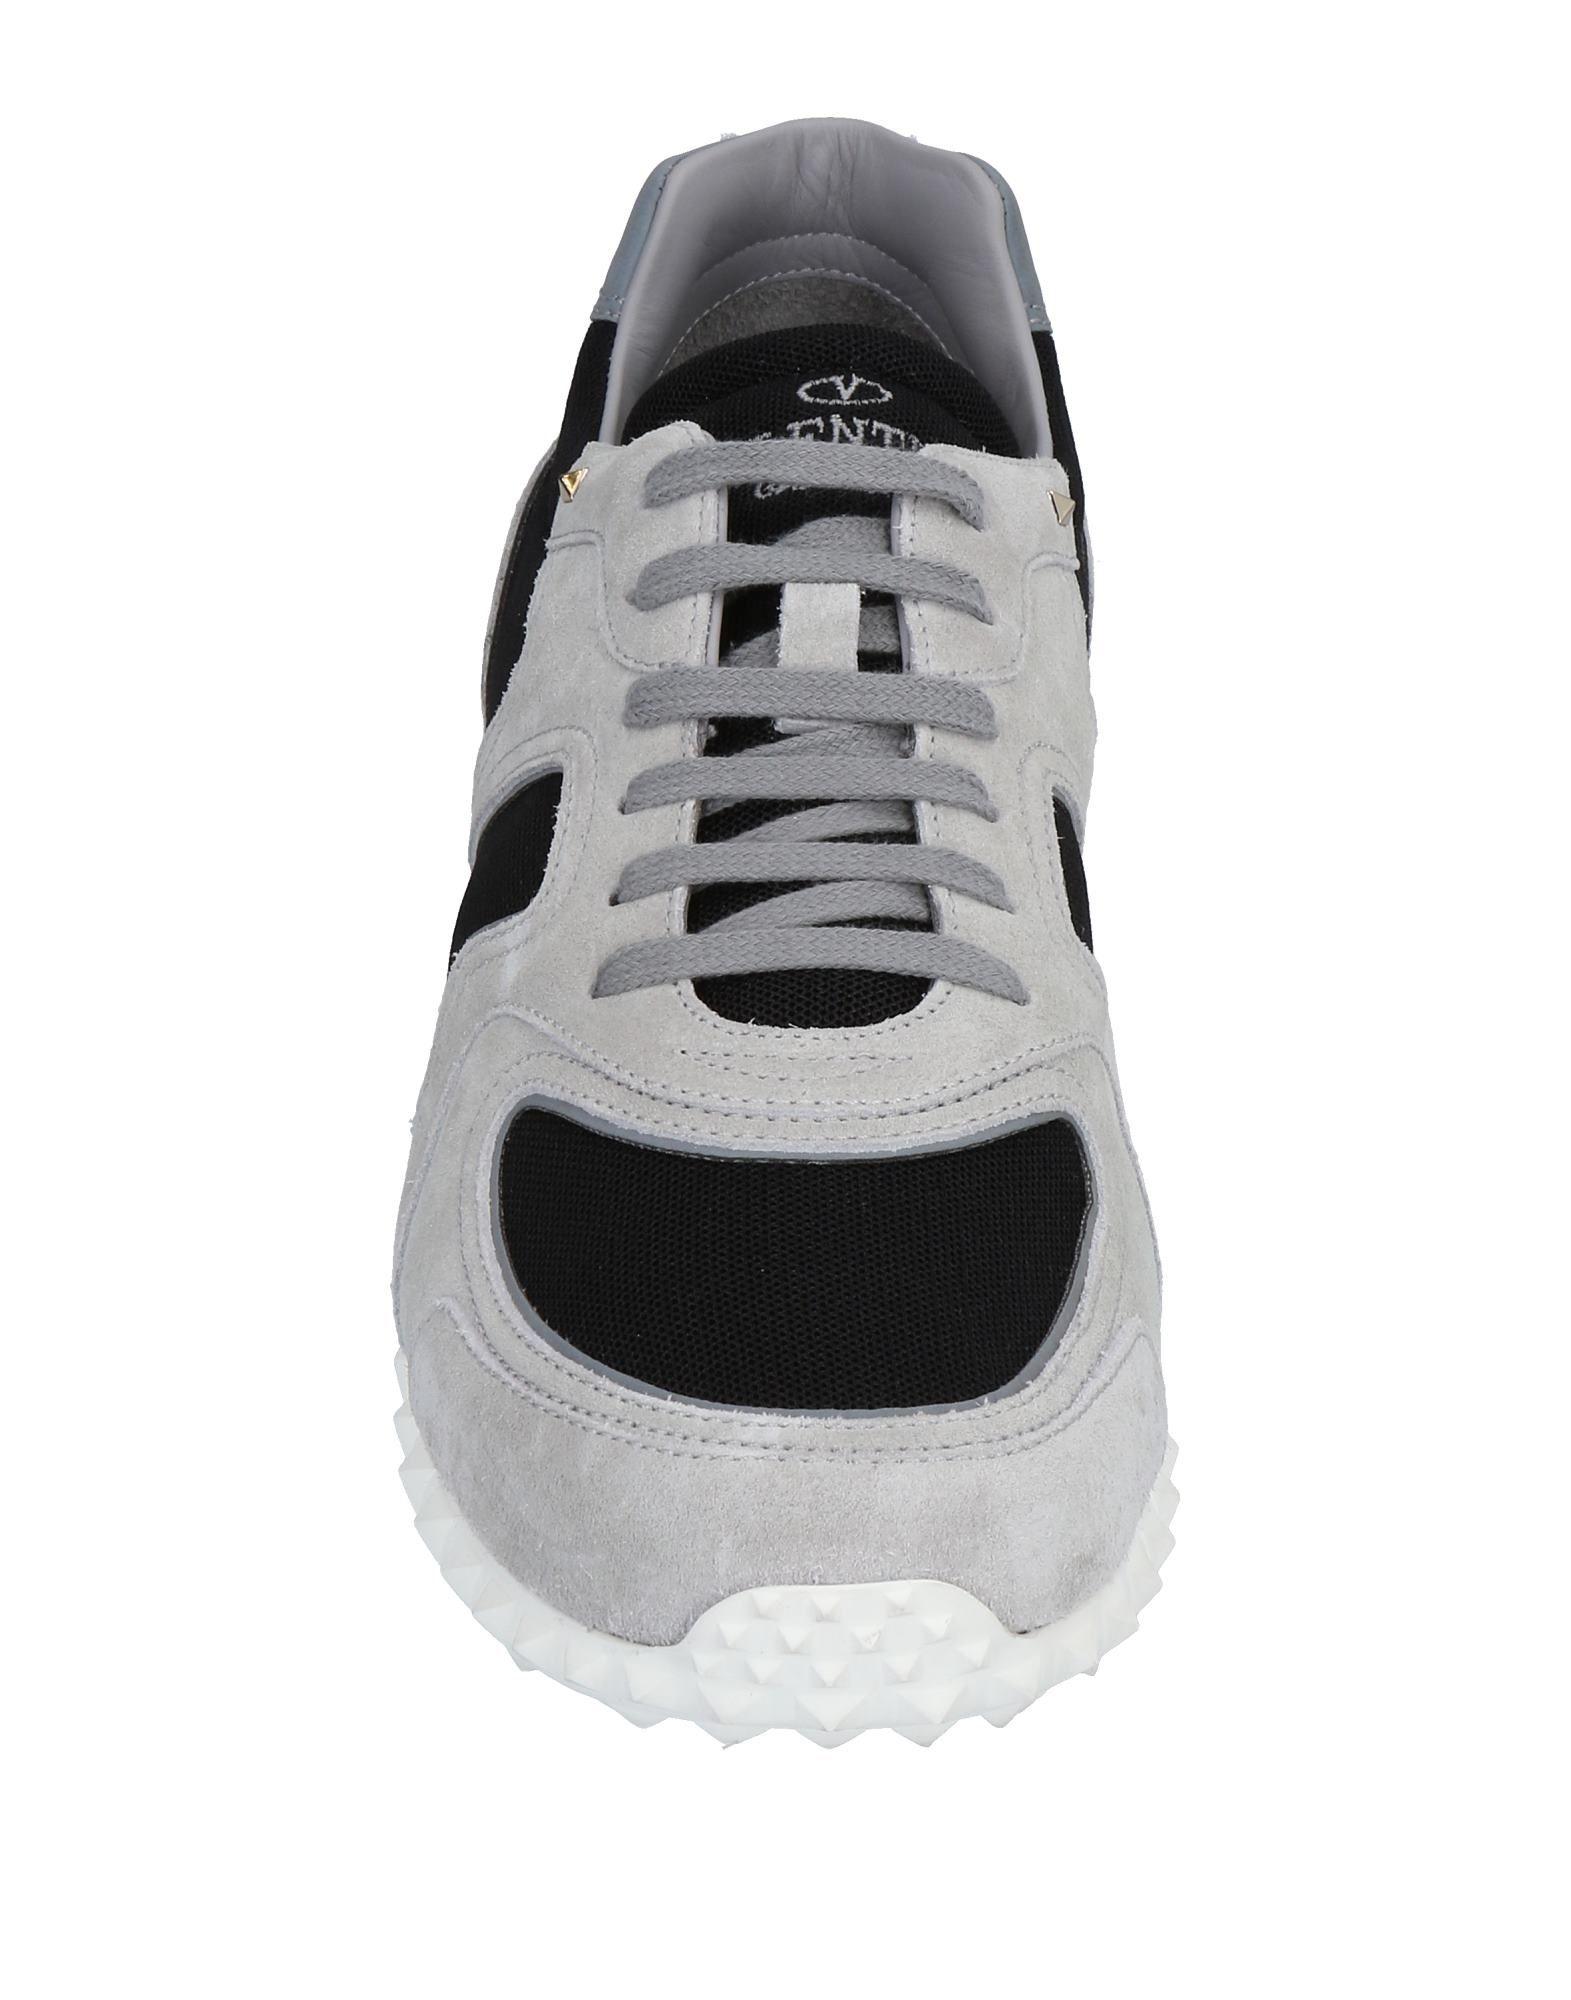 Valentino Garavani Sneakers Herren  Schuhe 11477364QN Gute Qualität beliebte Schuhe  89b2d1